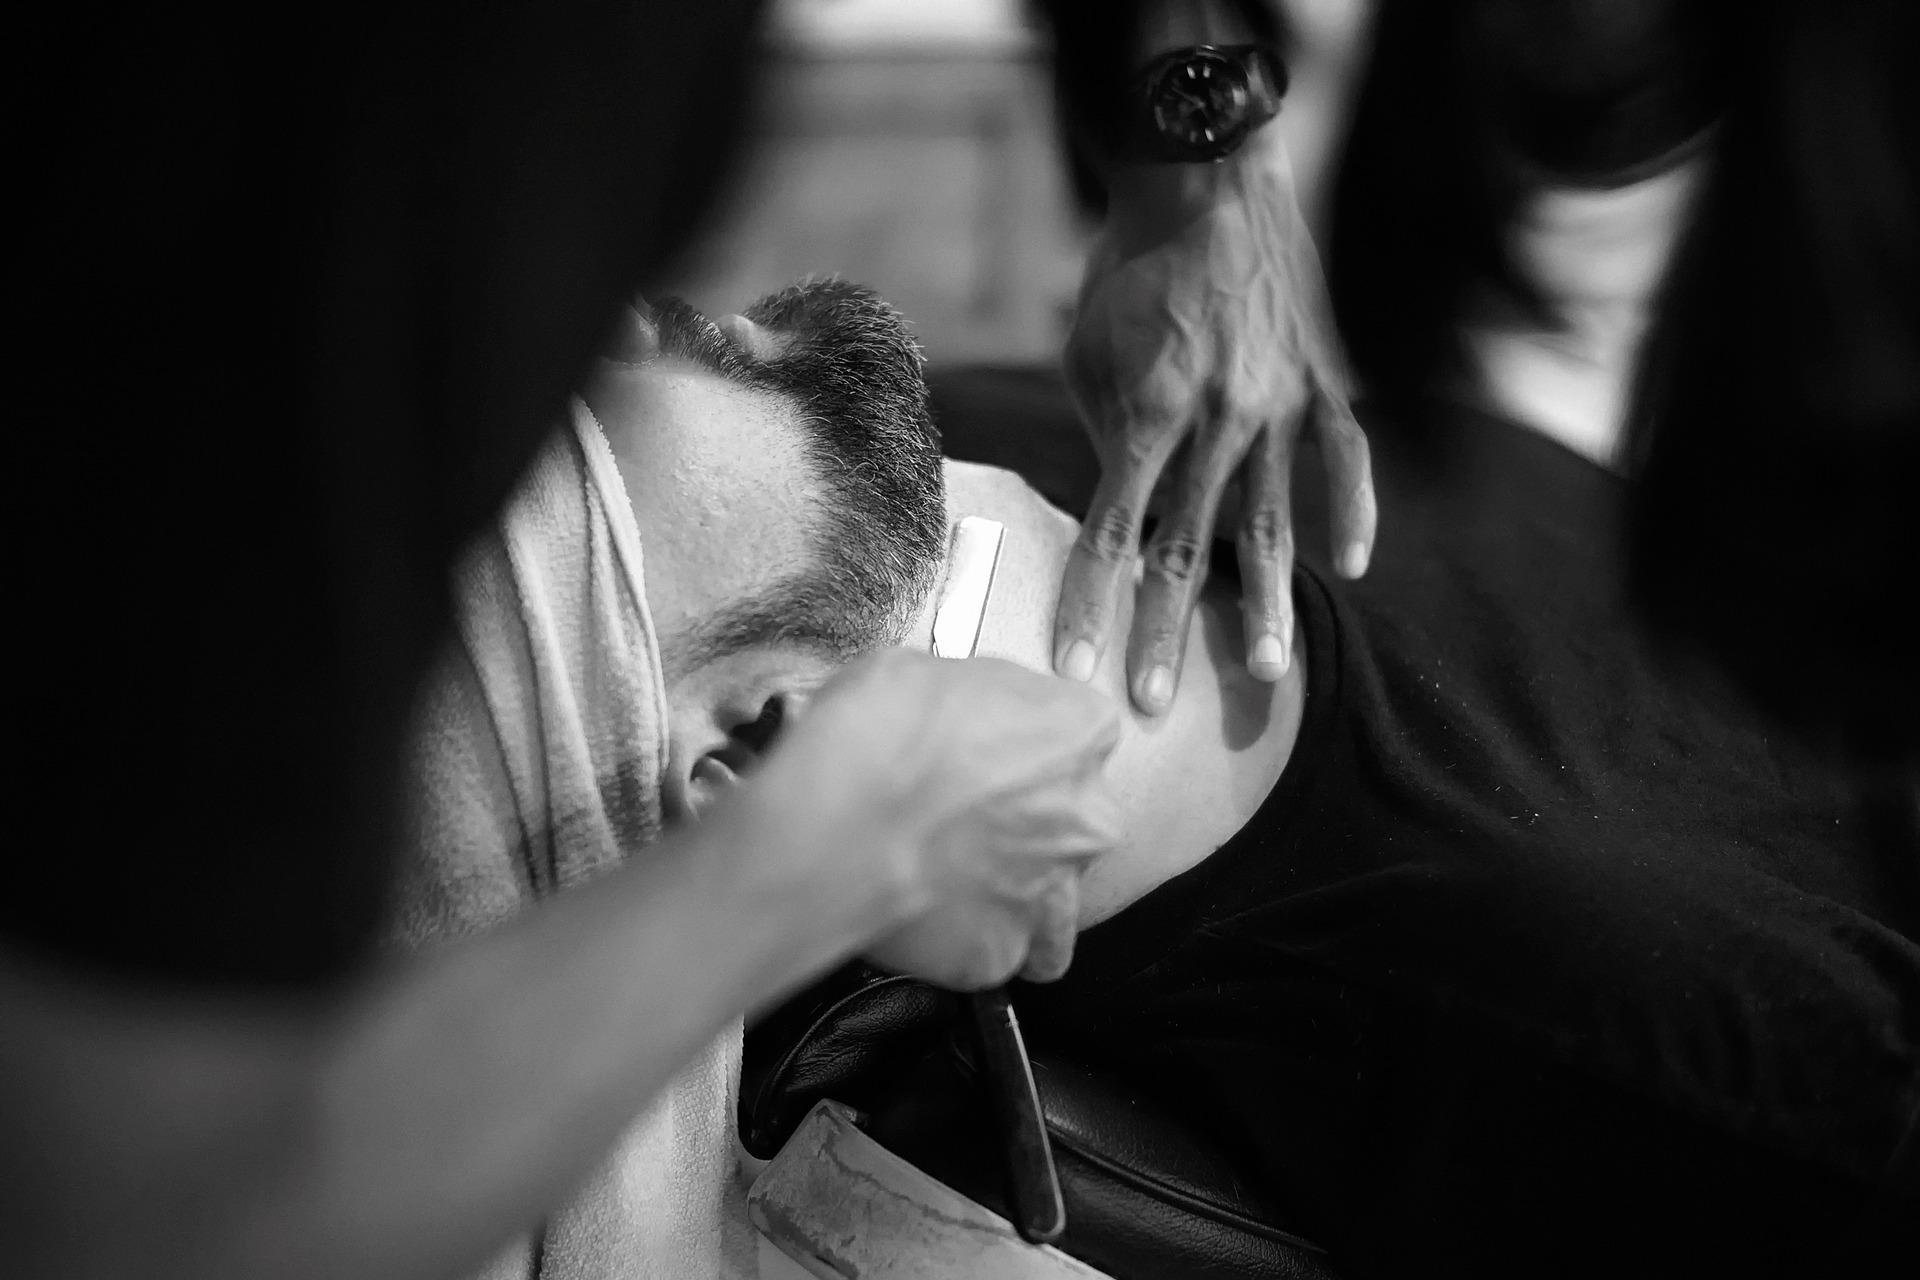 Golenie brzytwą – nowa moda z barber shopu. Sprawdź, dlaczego warto zrezygnować z maszynki!